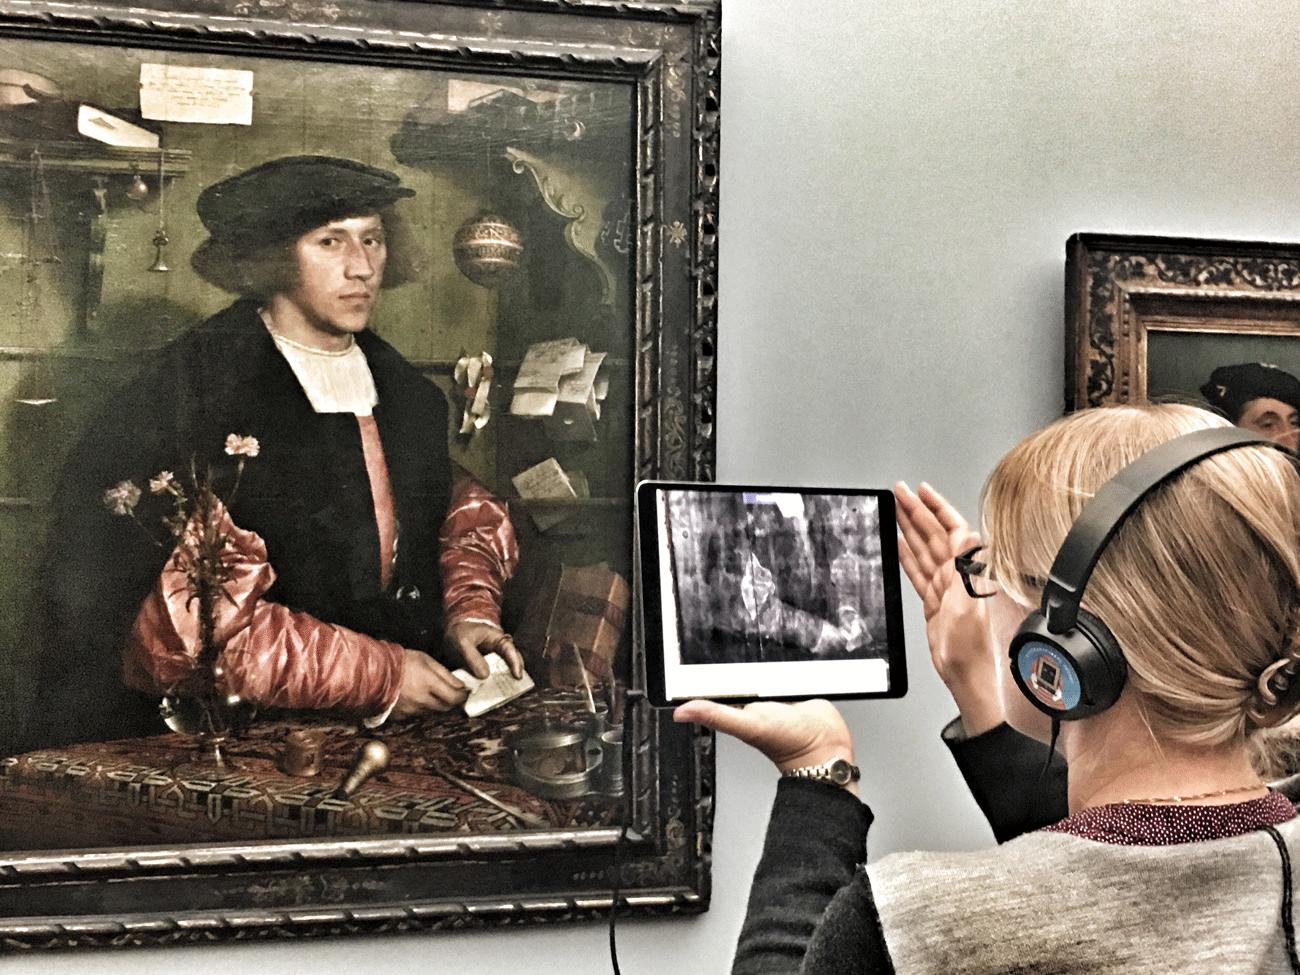 Kunsthistorischer Röntgenblick mit AR